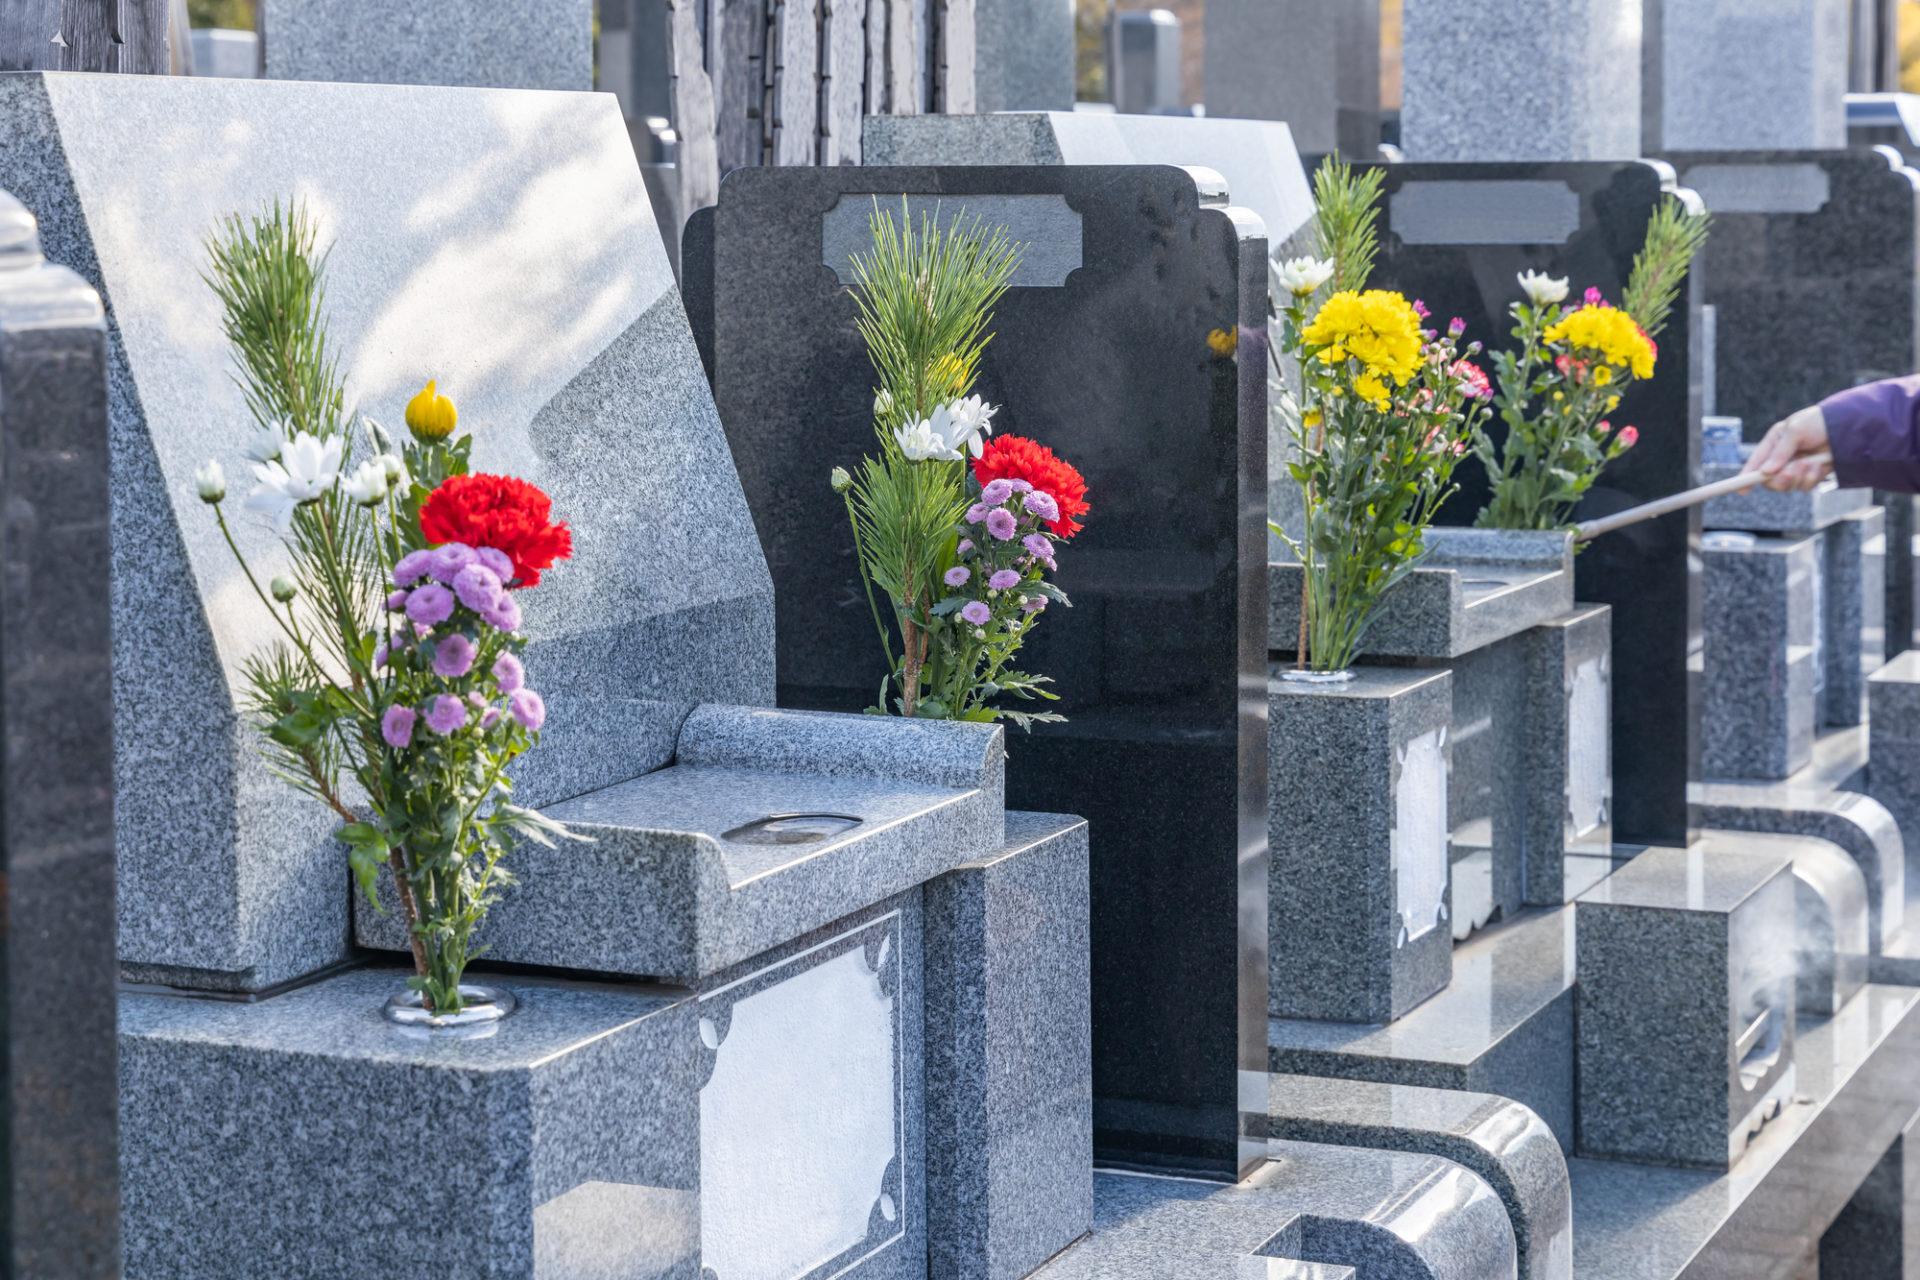 コロナ禍で家族葬の費用のトラブルが多発【葬儀業界の今】